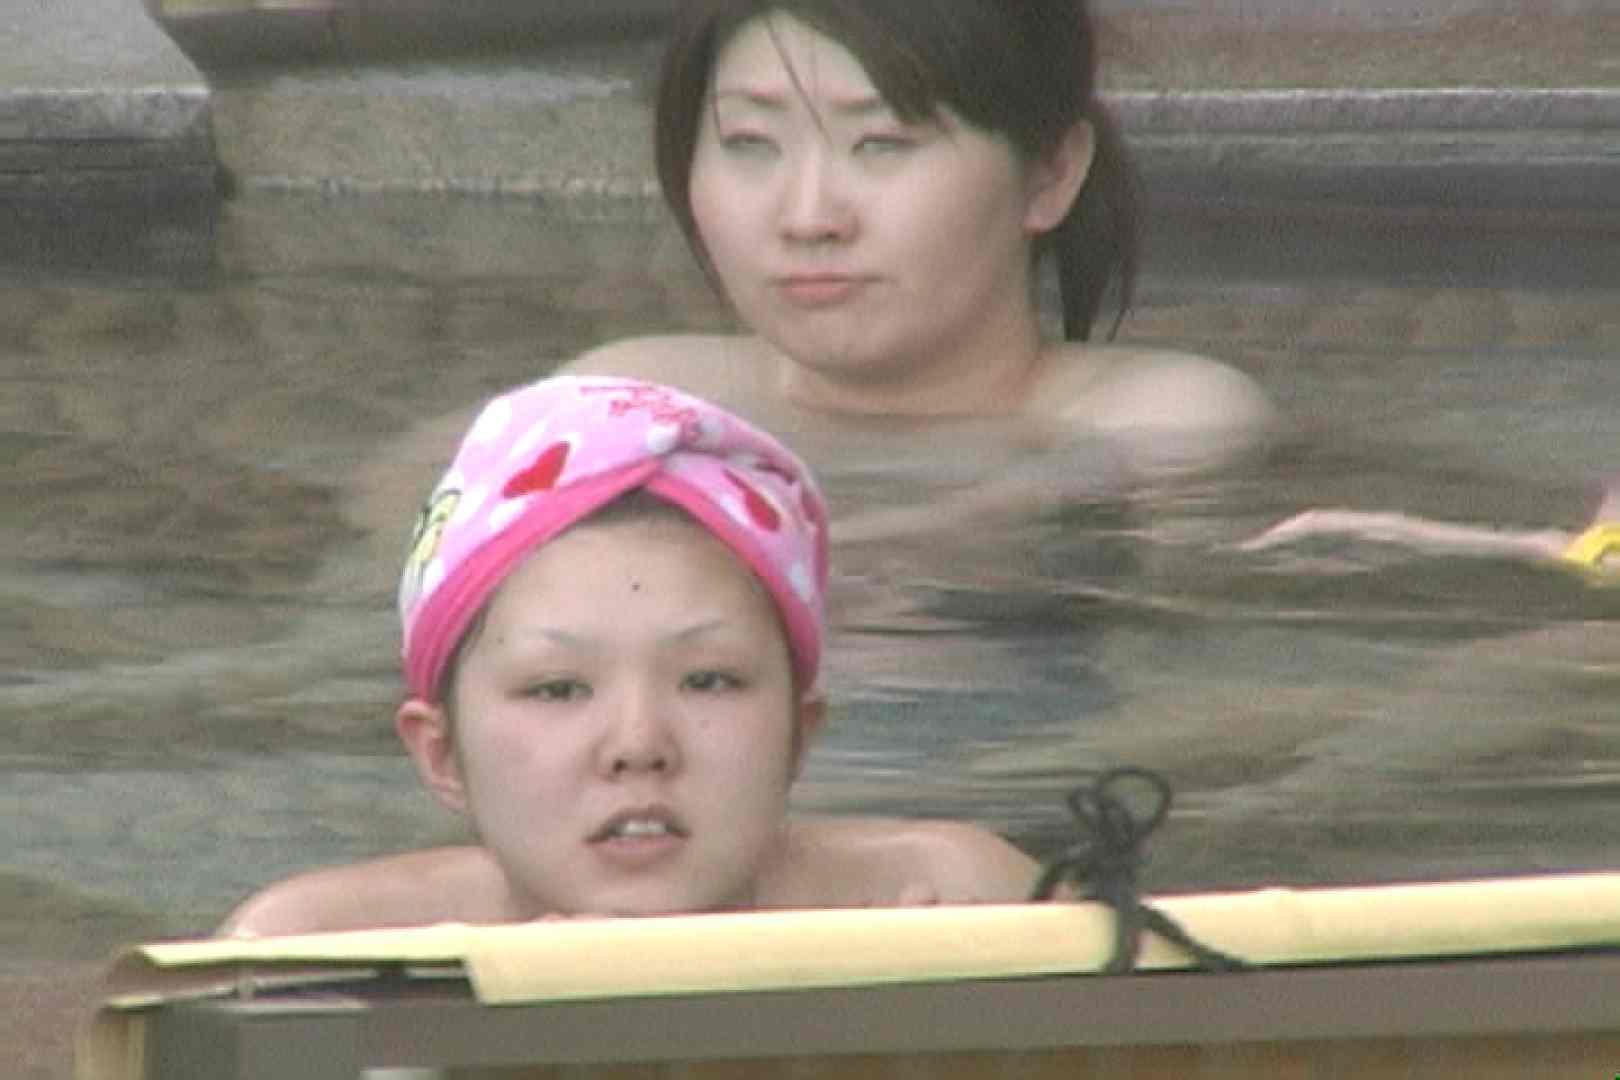 Aquaな露天風呂Vol.25 露天   盗撮特集  106画像 59